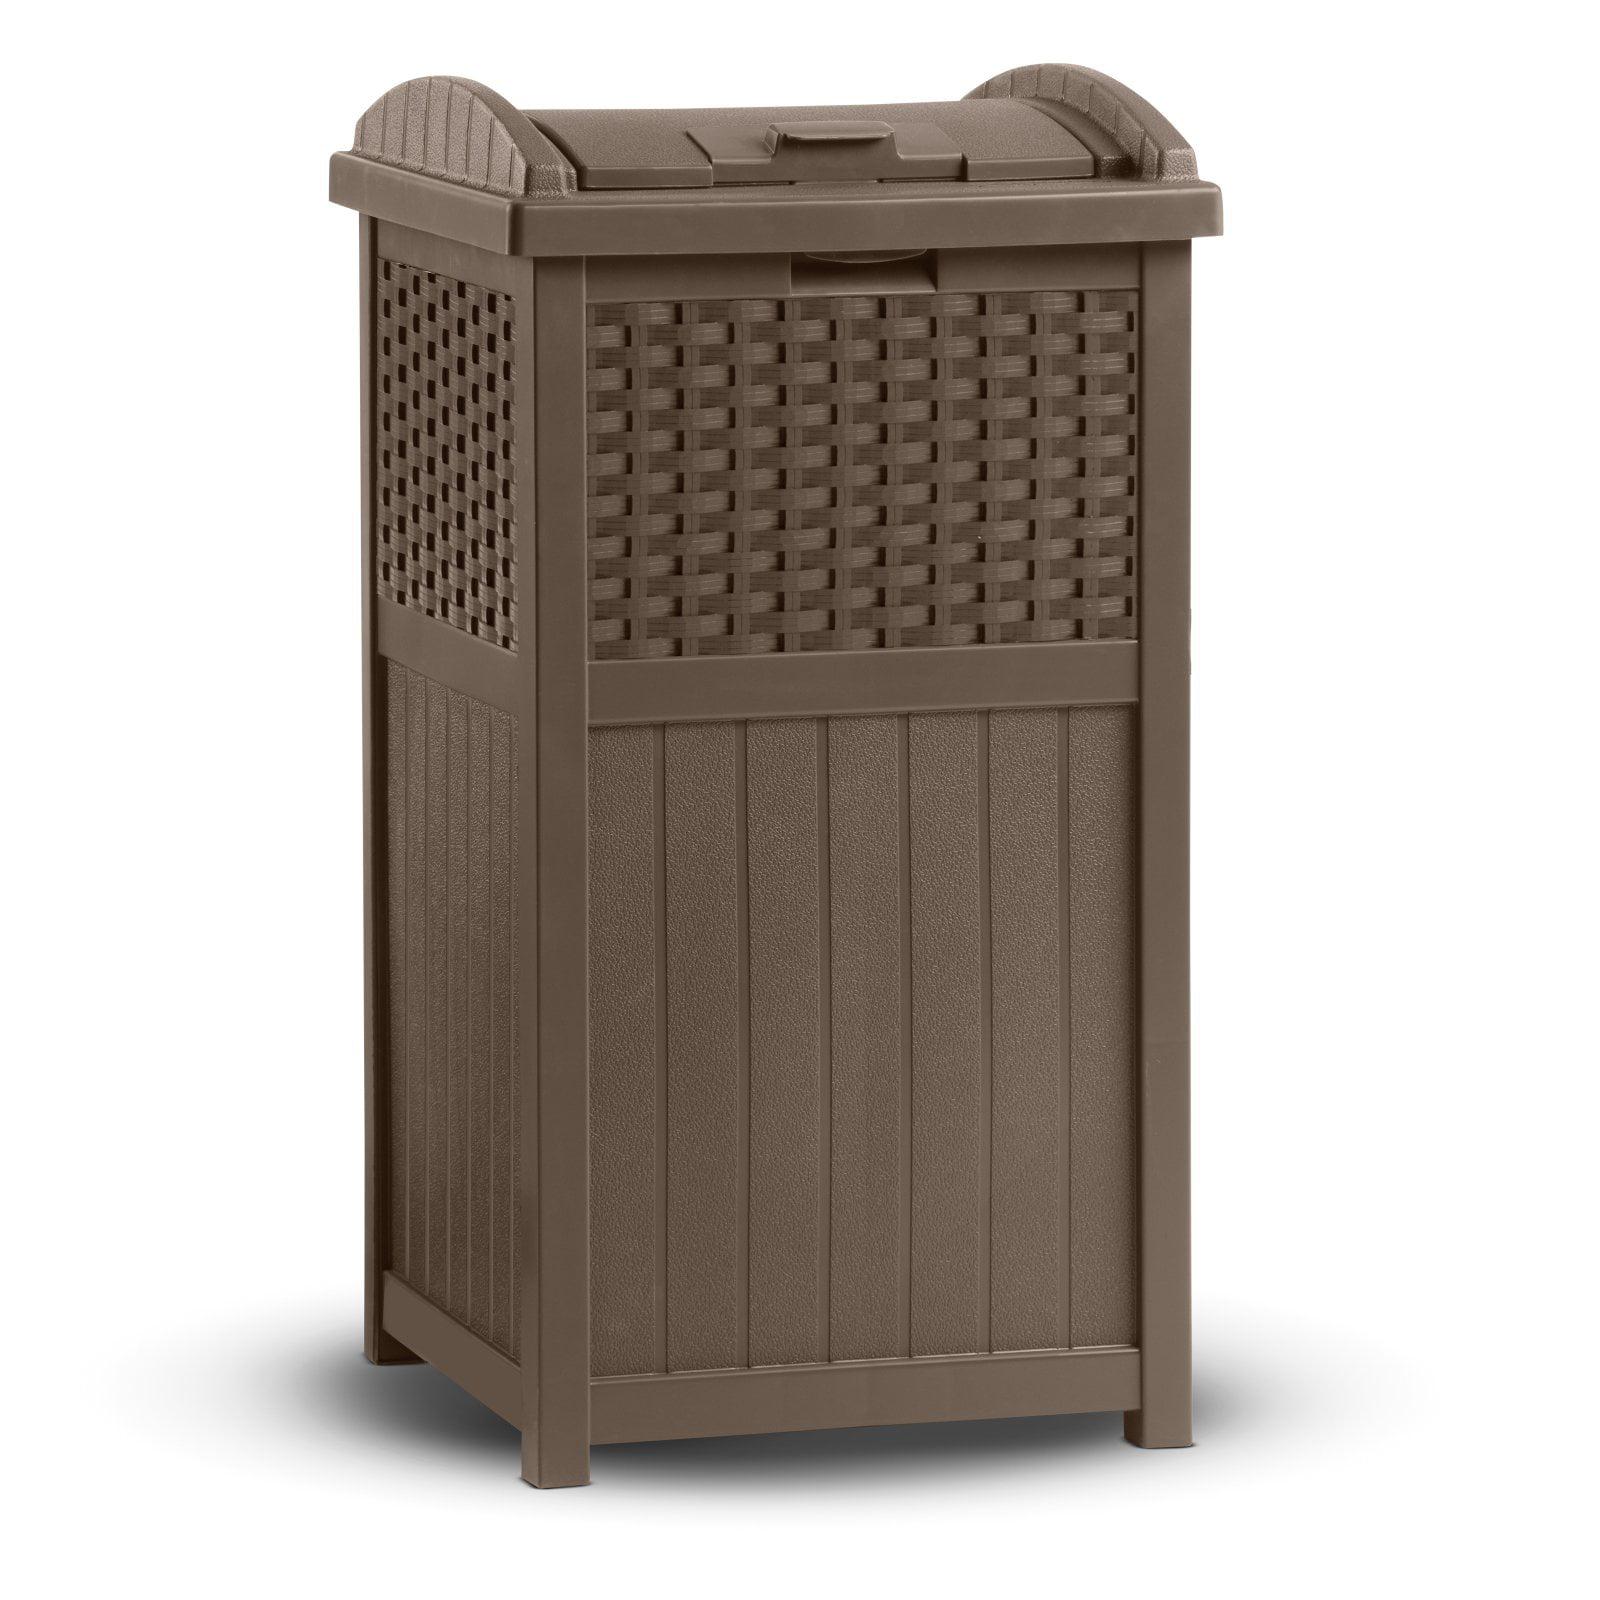 Suncast Outdoor Wicker Trash Hideaway